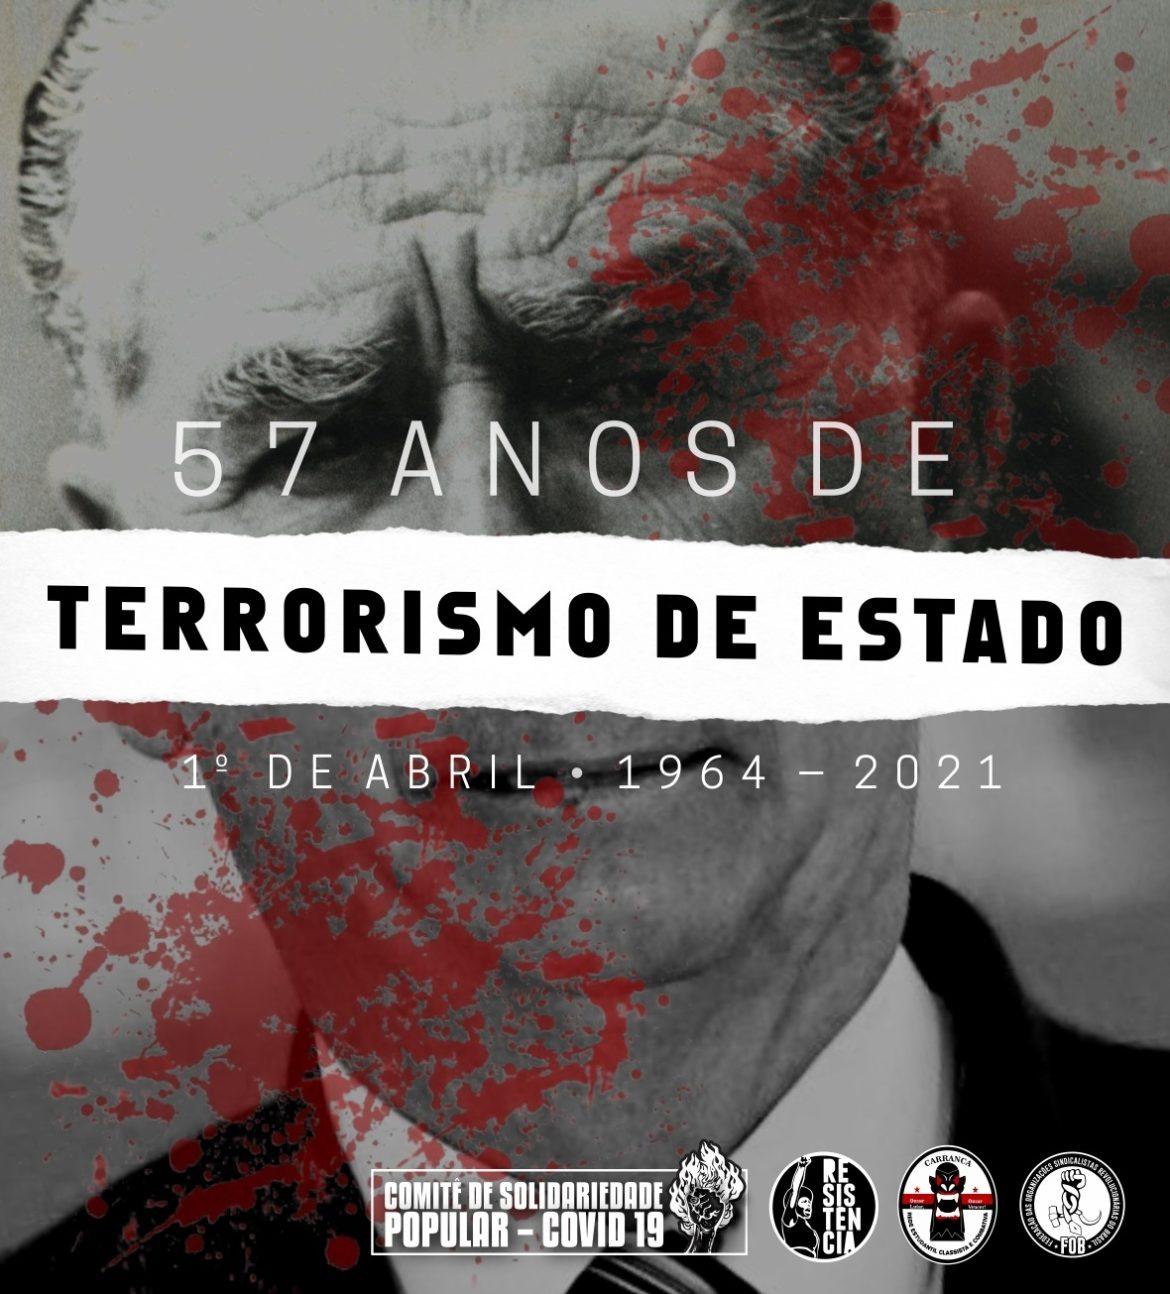 Golpe empresarial-militar de 1964: lutar contra o Estado policial e o terror institucional que permanecem